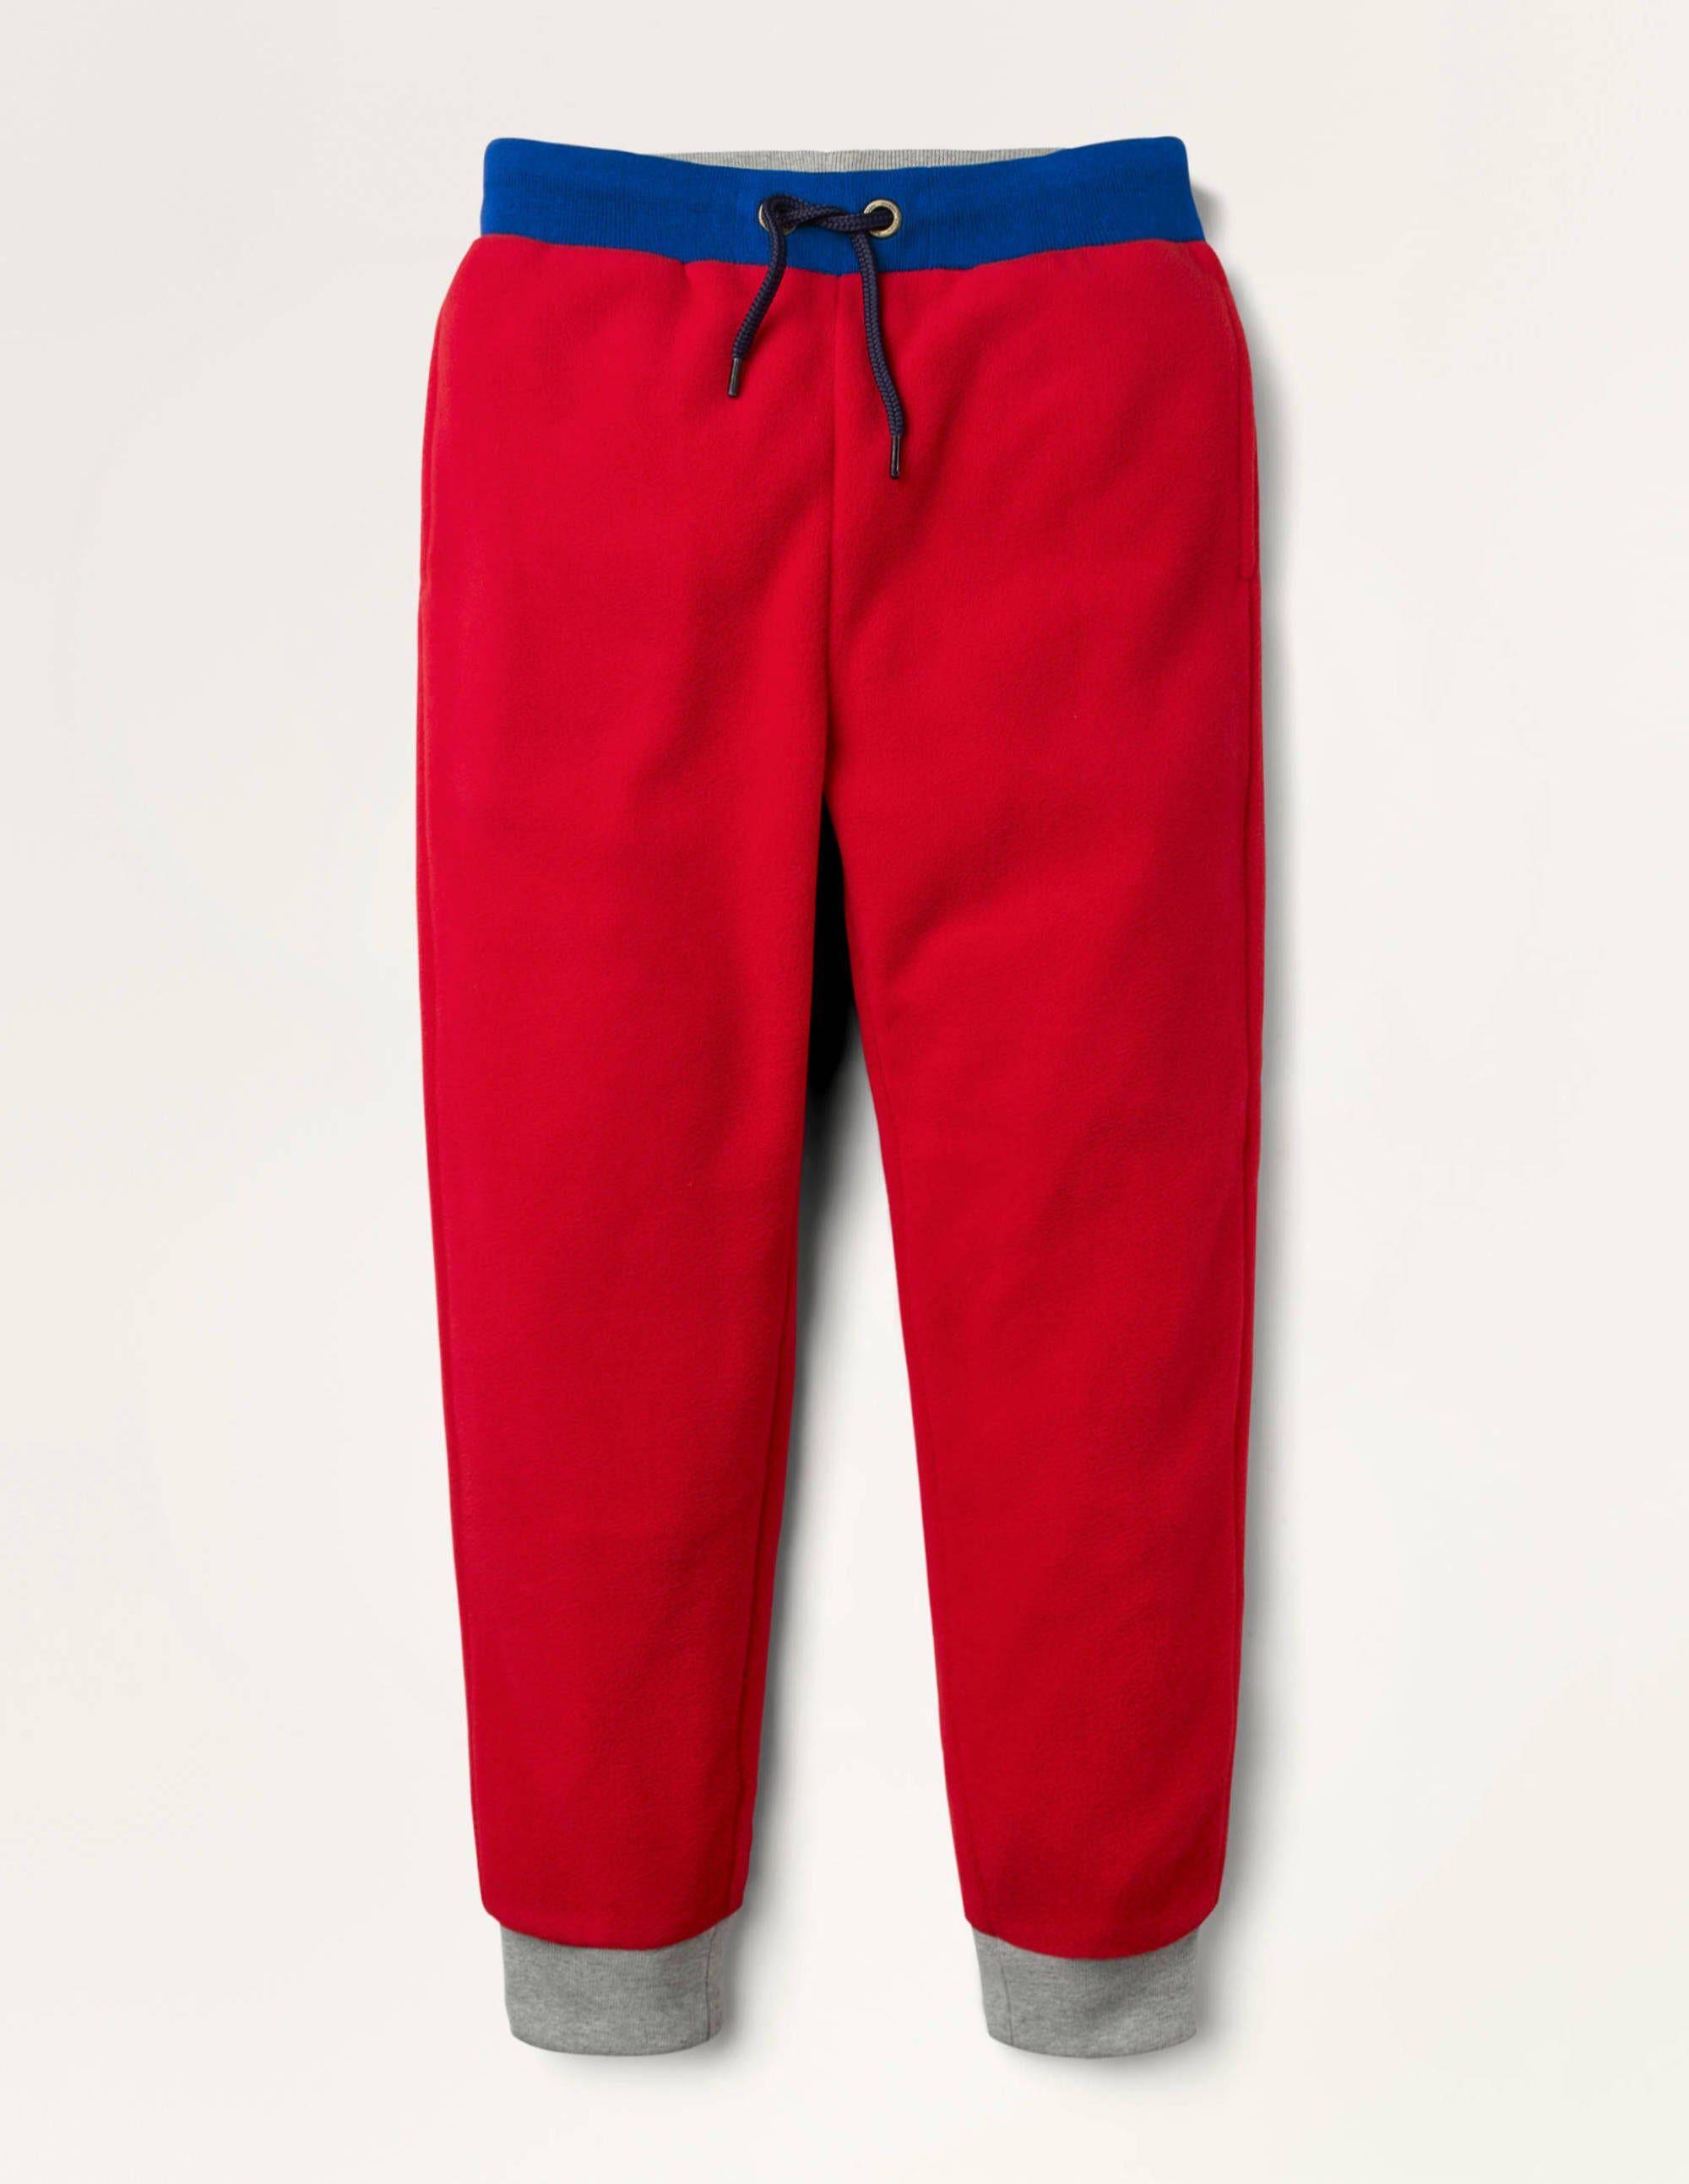 Mini Bas de jogging en micro-polaire RED Garçon Boden, Red - 7a